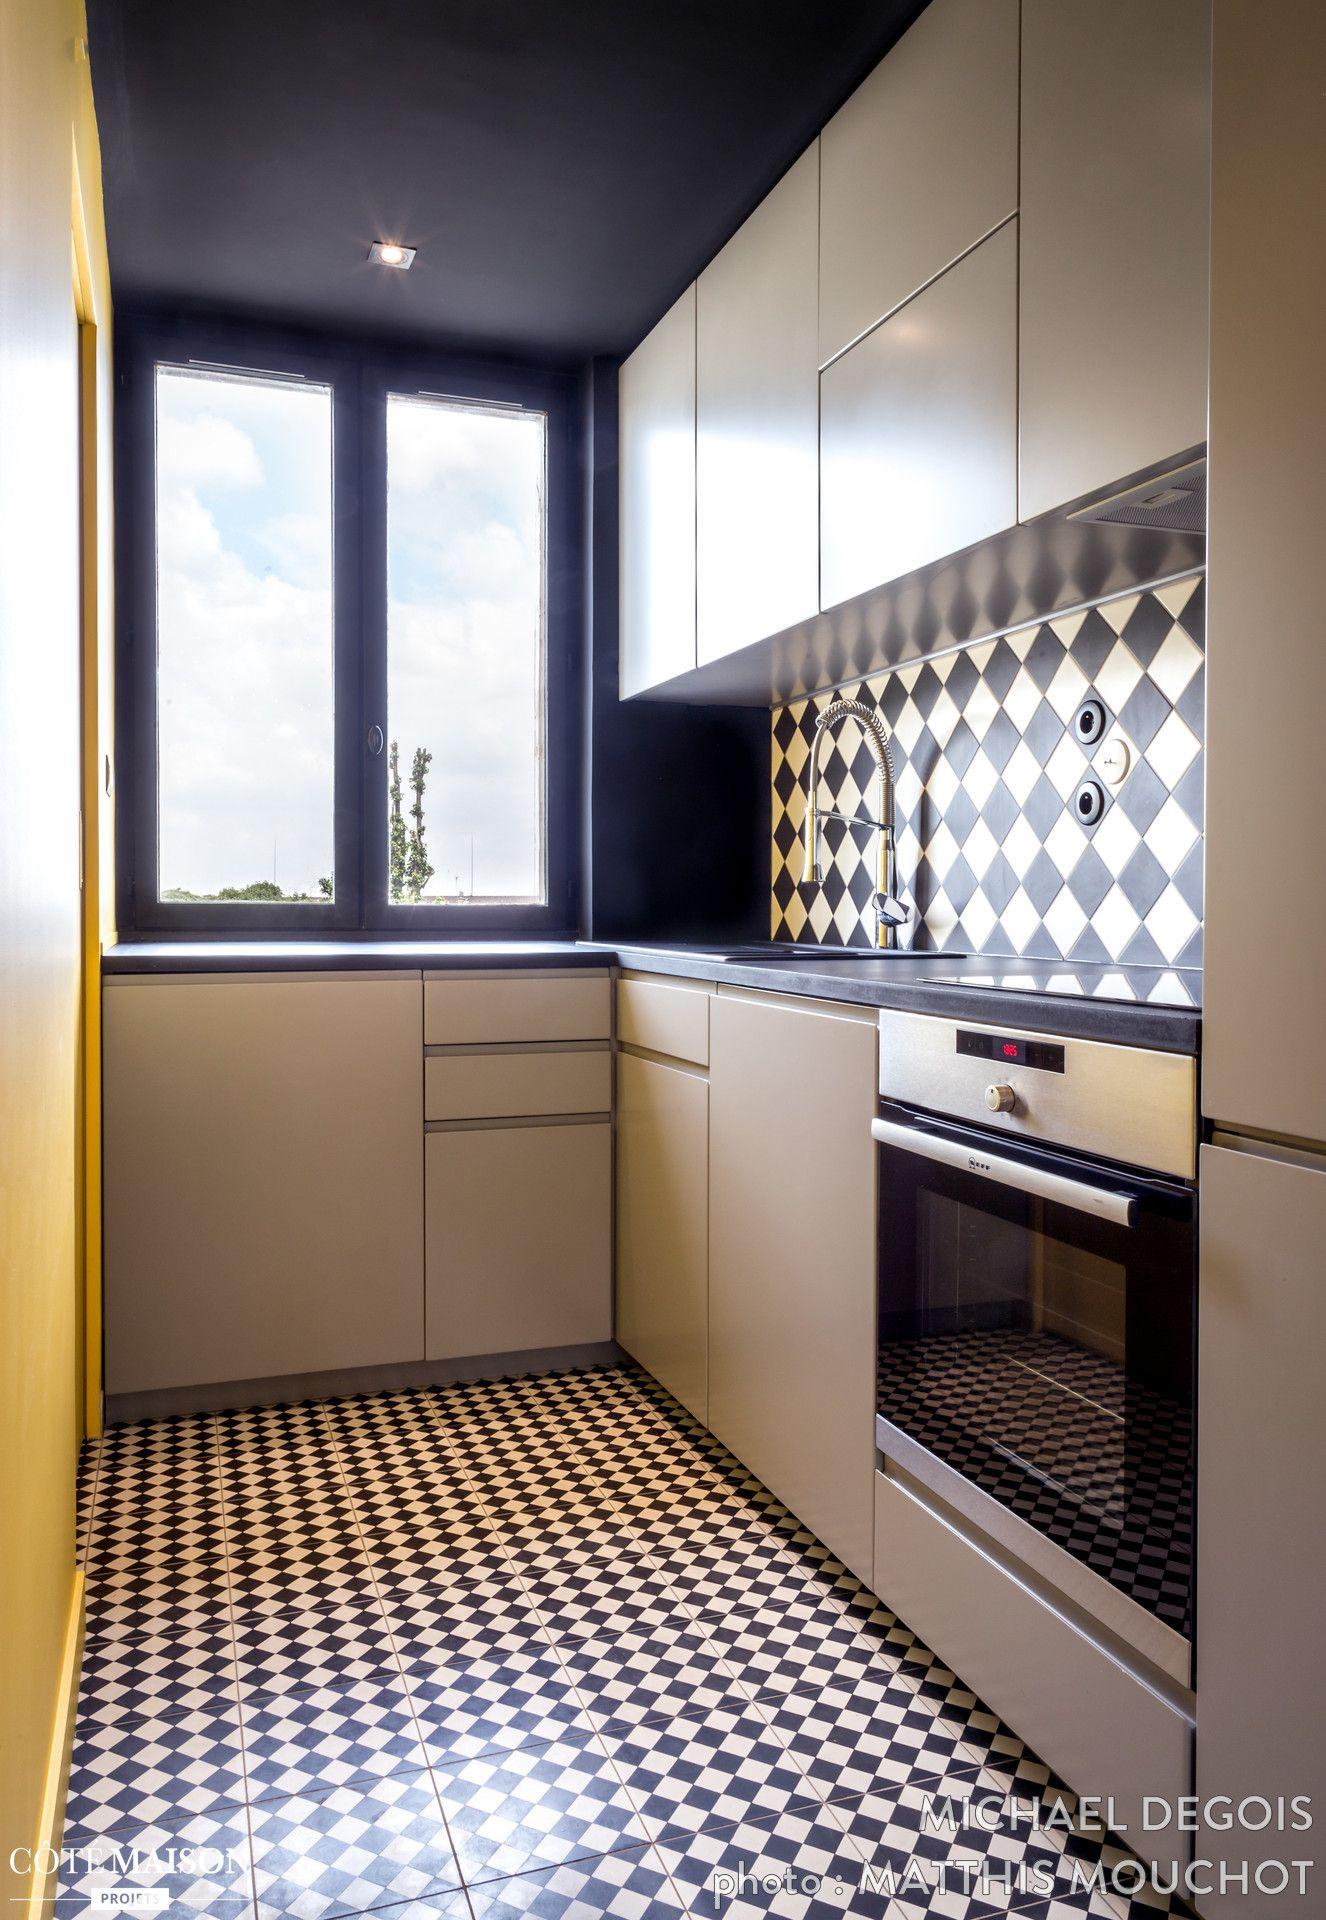 Rénovation d'un 63 m2 au cœur des Buttes-Chaumont à Paris, Michaël Degois - Côté Maison